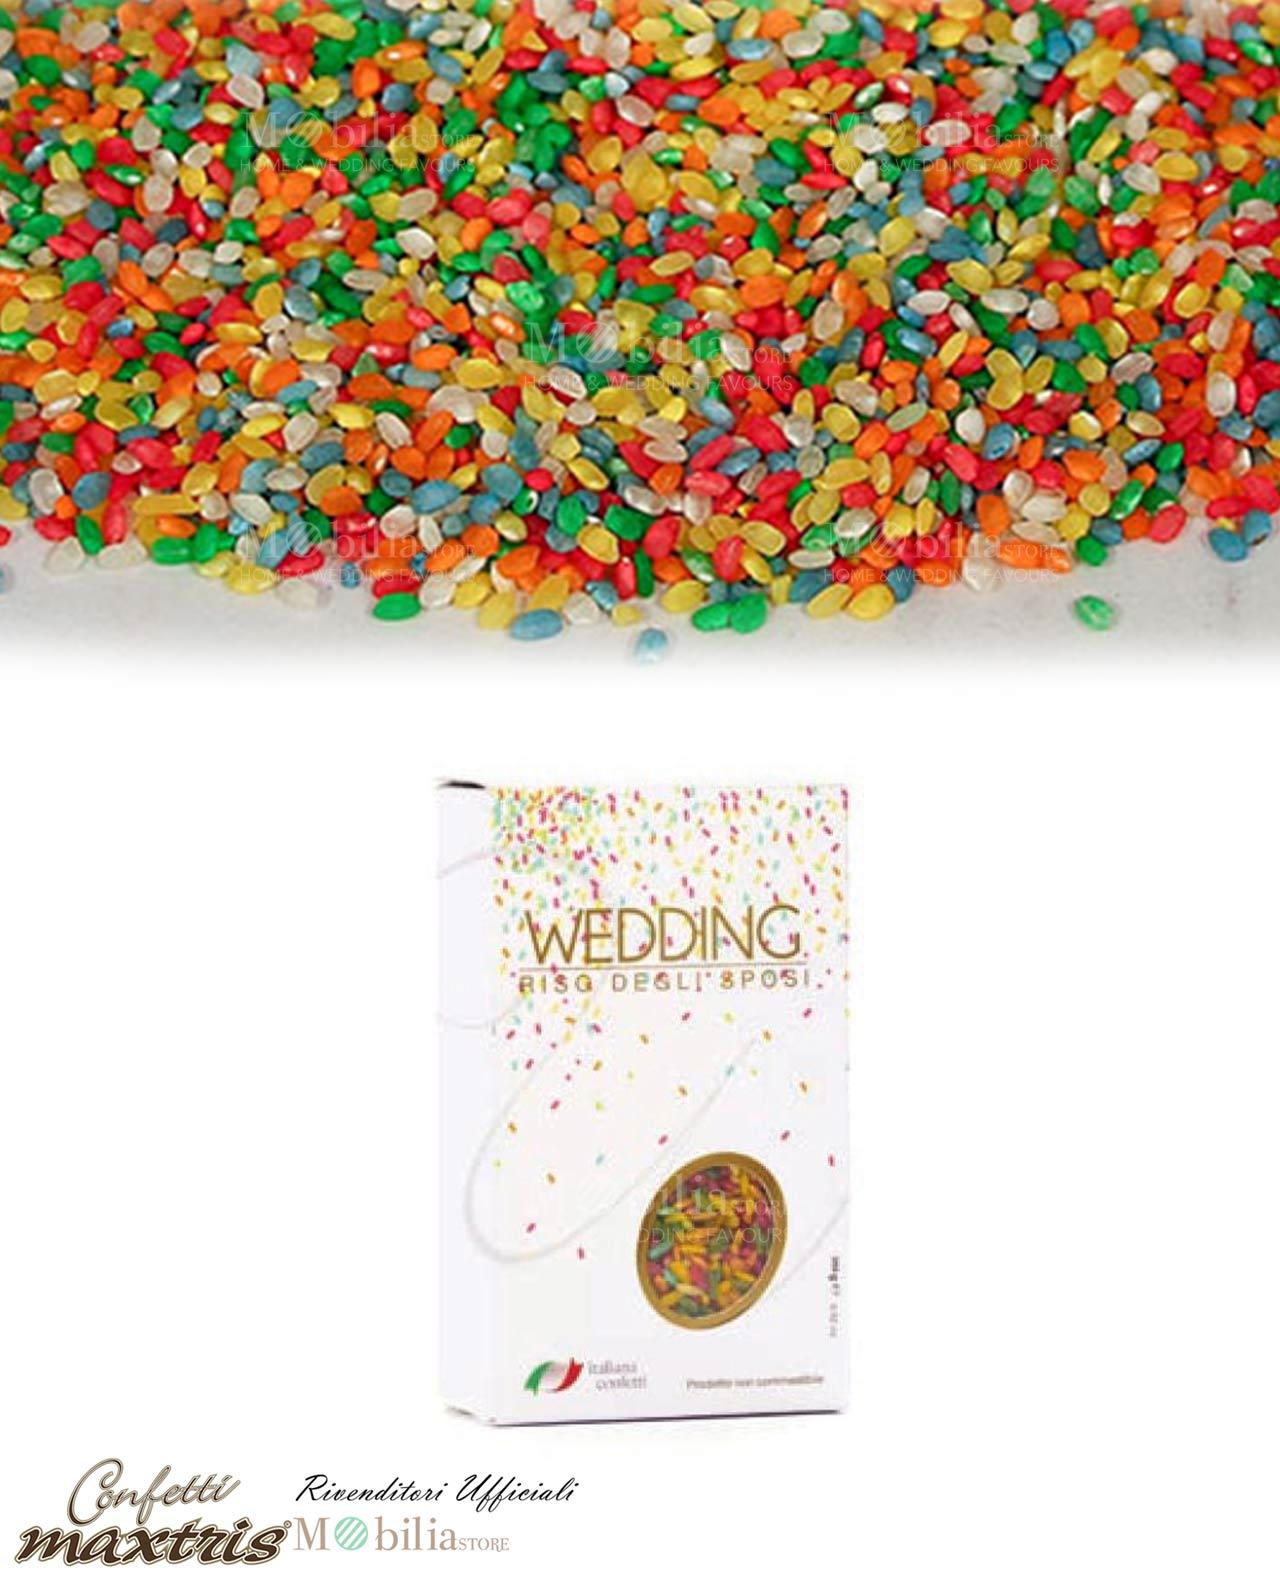 riso colorato per matrimonio antimacchia maxtris mobilia